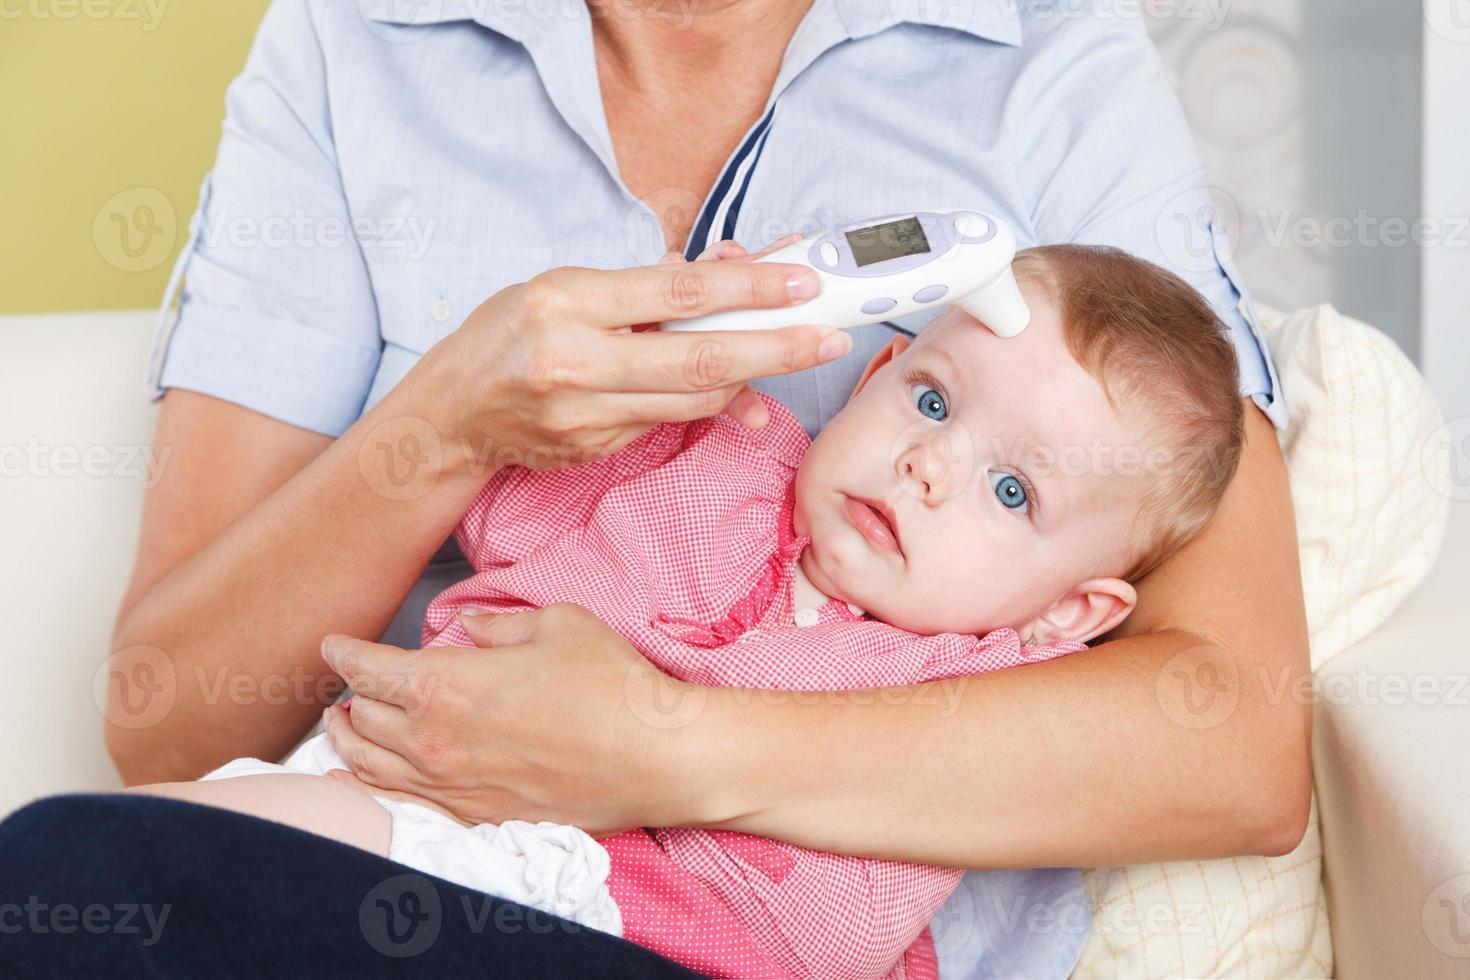 bebê e termômetro digital foto